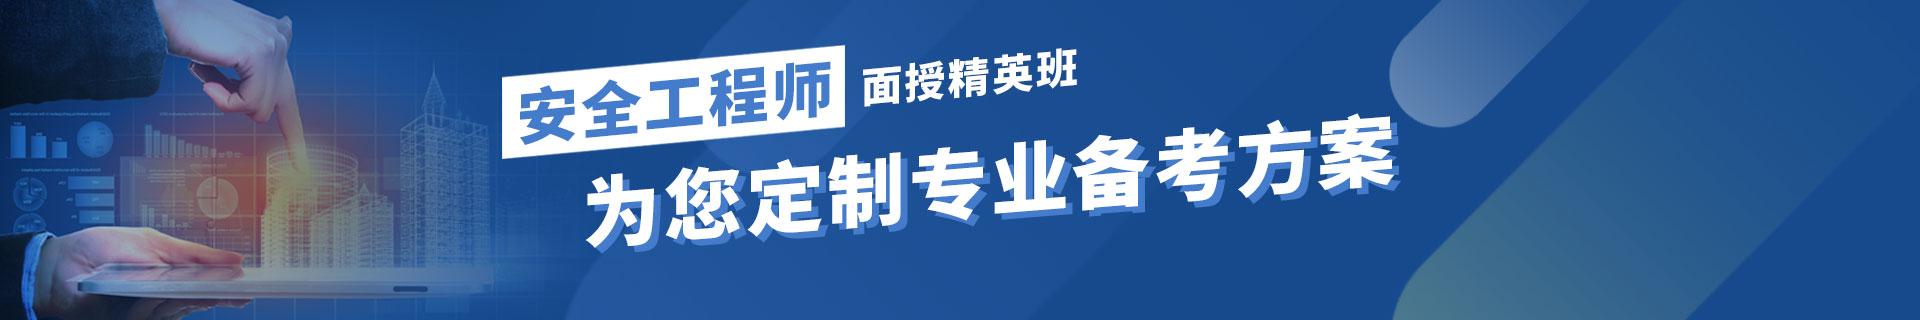 四川广安优路教育培训学校